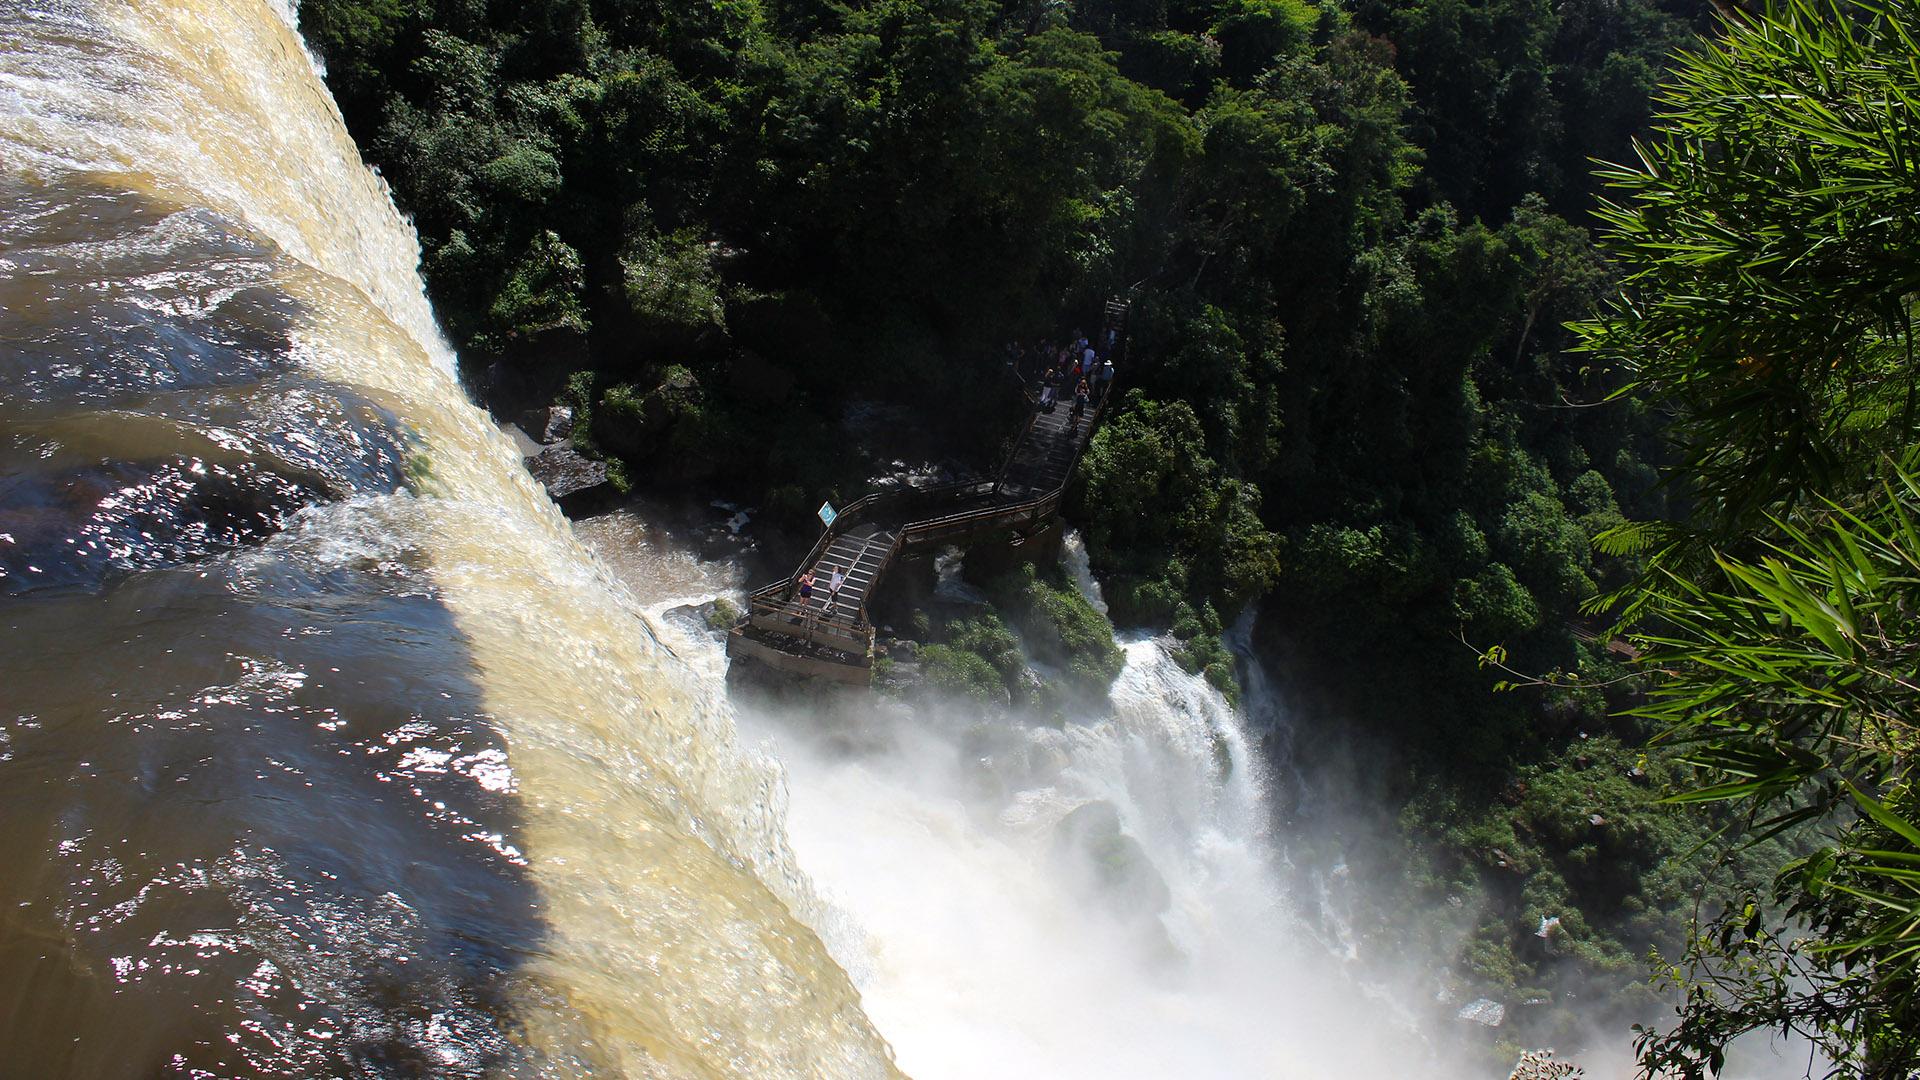 La ocasión fue ideal para recorrer el espectáculo de las cataratas, declaradas como una de las nuevas siete maravillas naturales del mundo